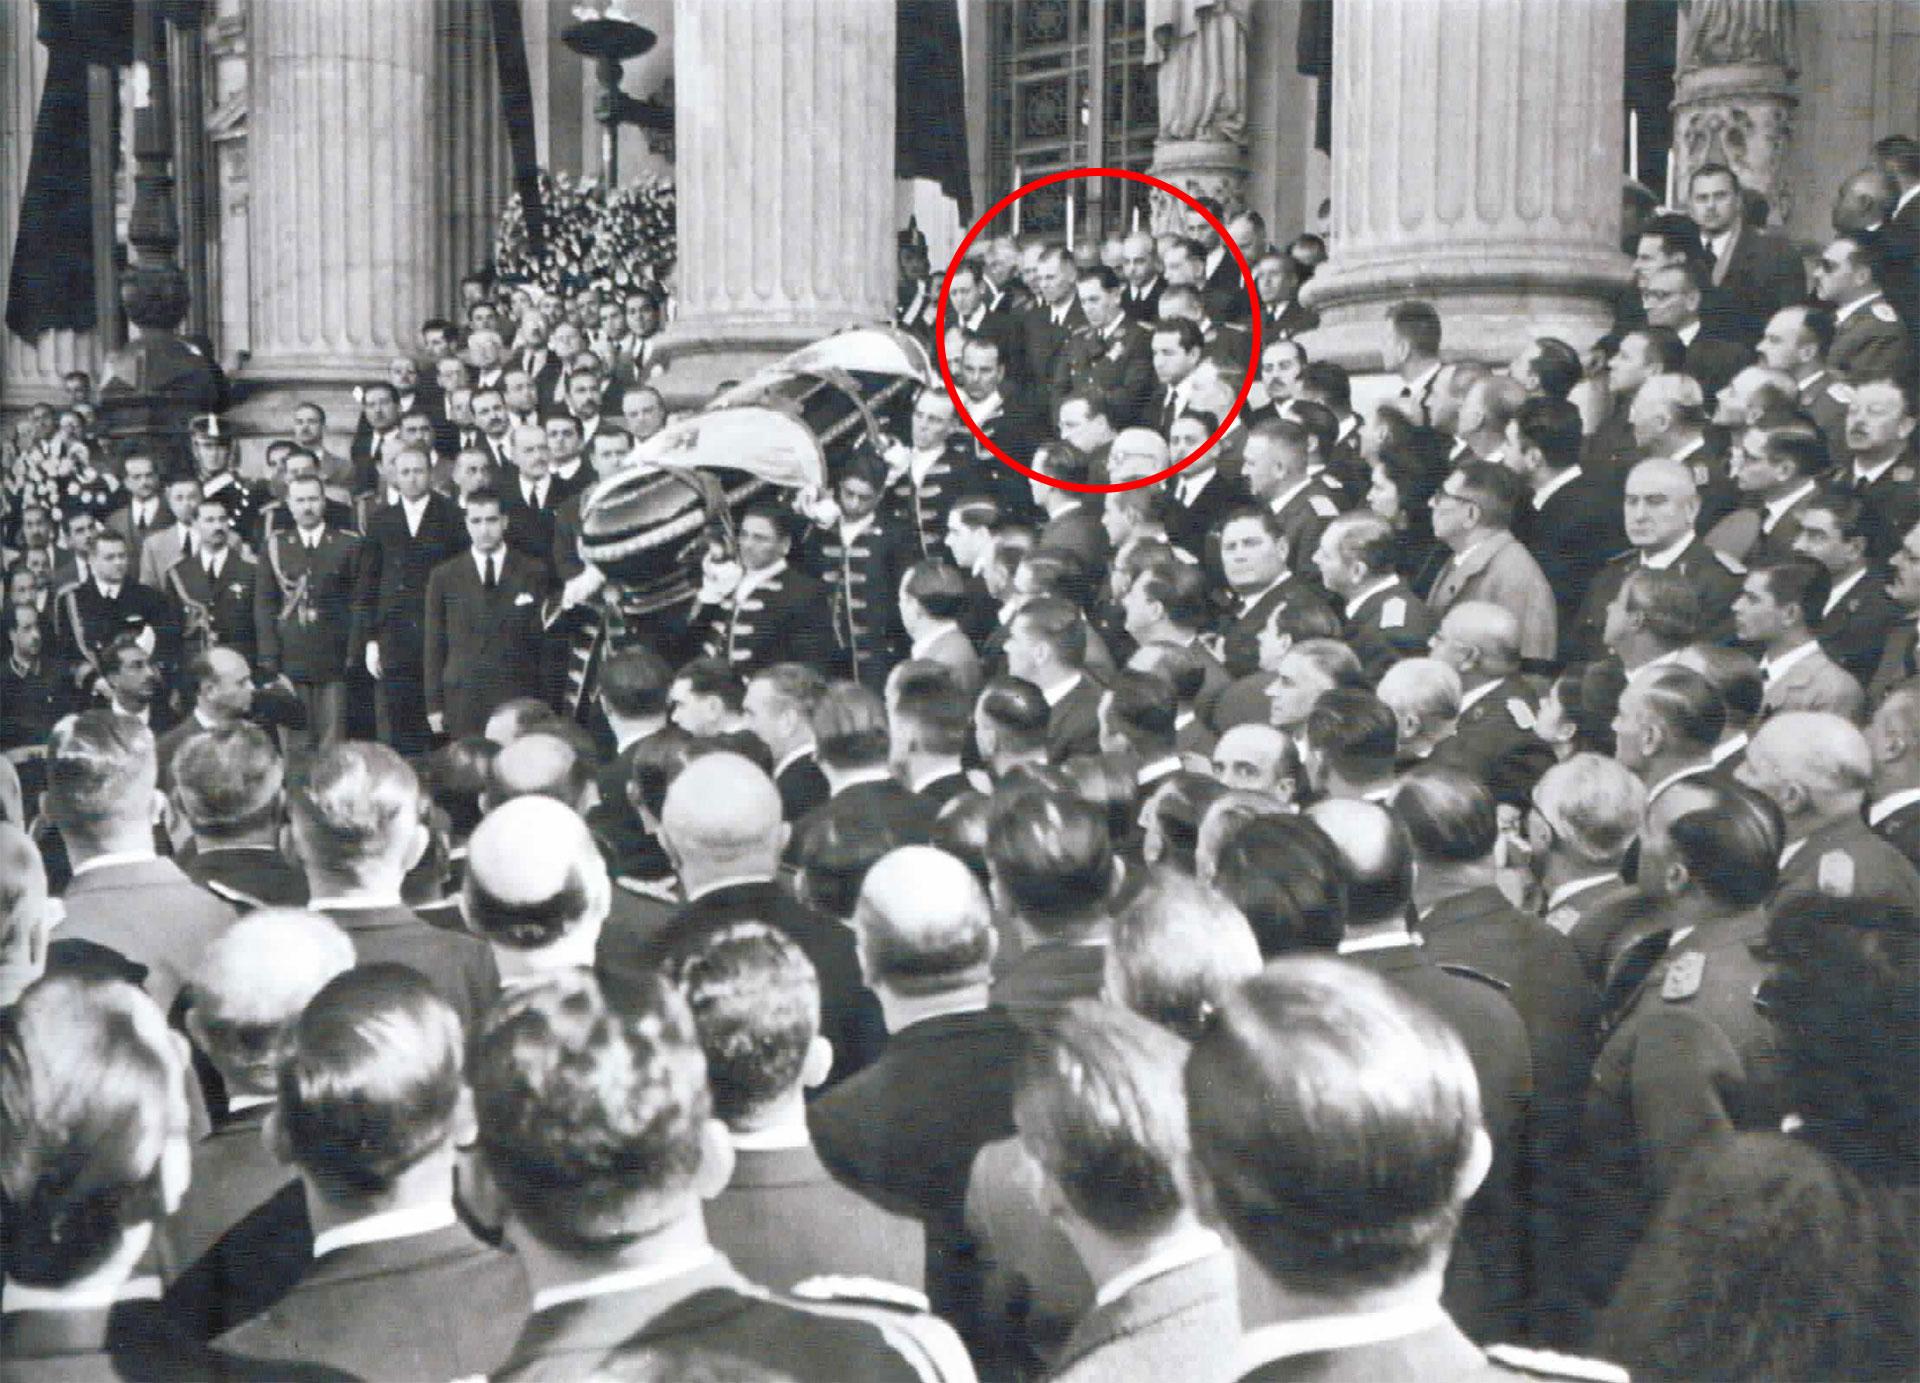 El féretro de Evita es sacado del Congreso. Perón está de pie en la escalinata.